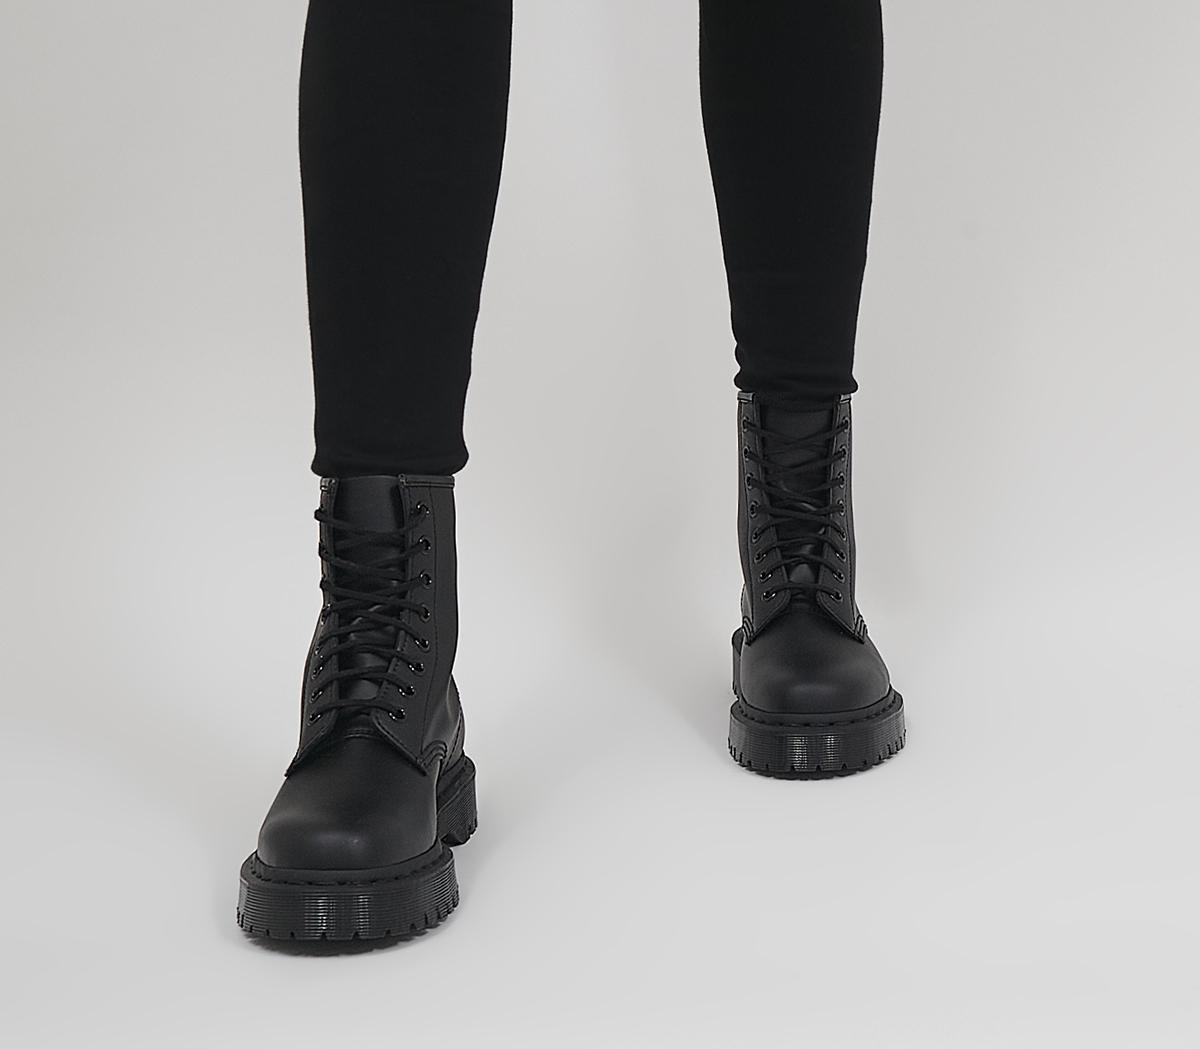 Vegan 1460 Bex Boots